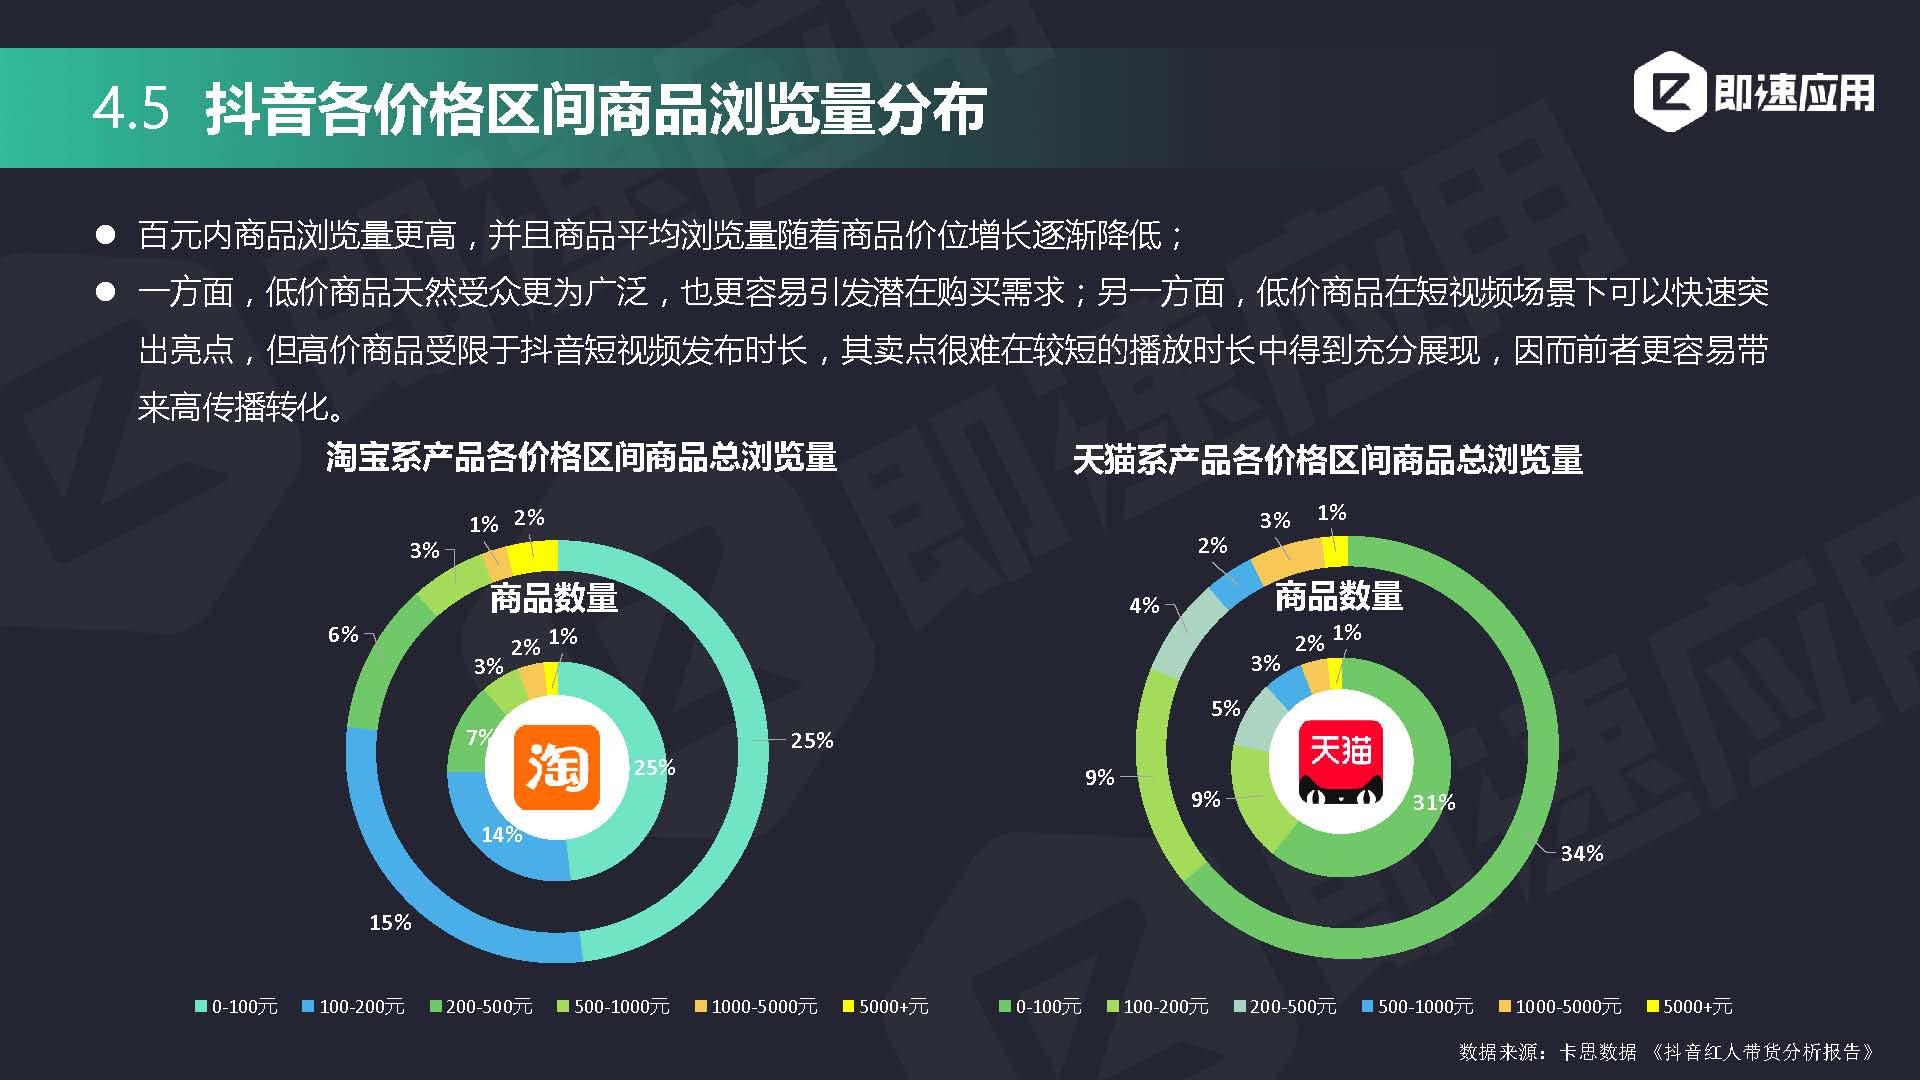 即速应用2019年小程序行业年中增长研究报告_页面_37.jpg